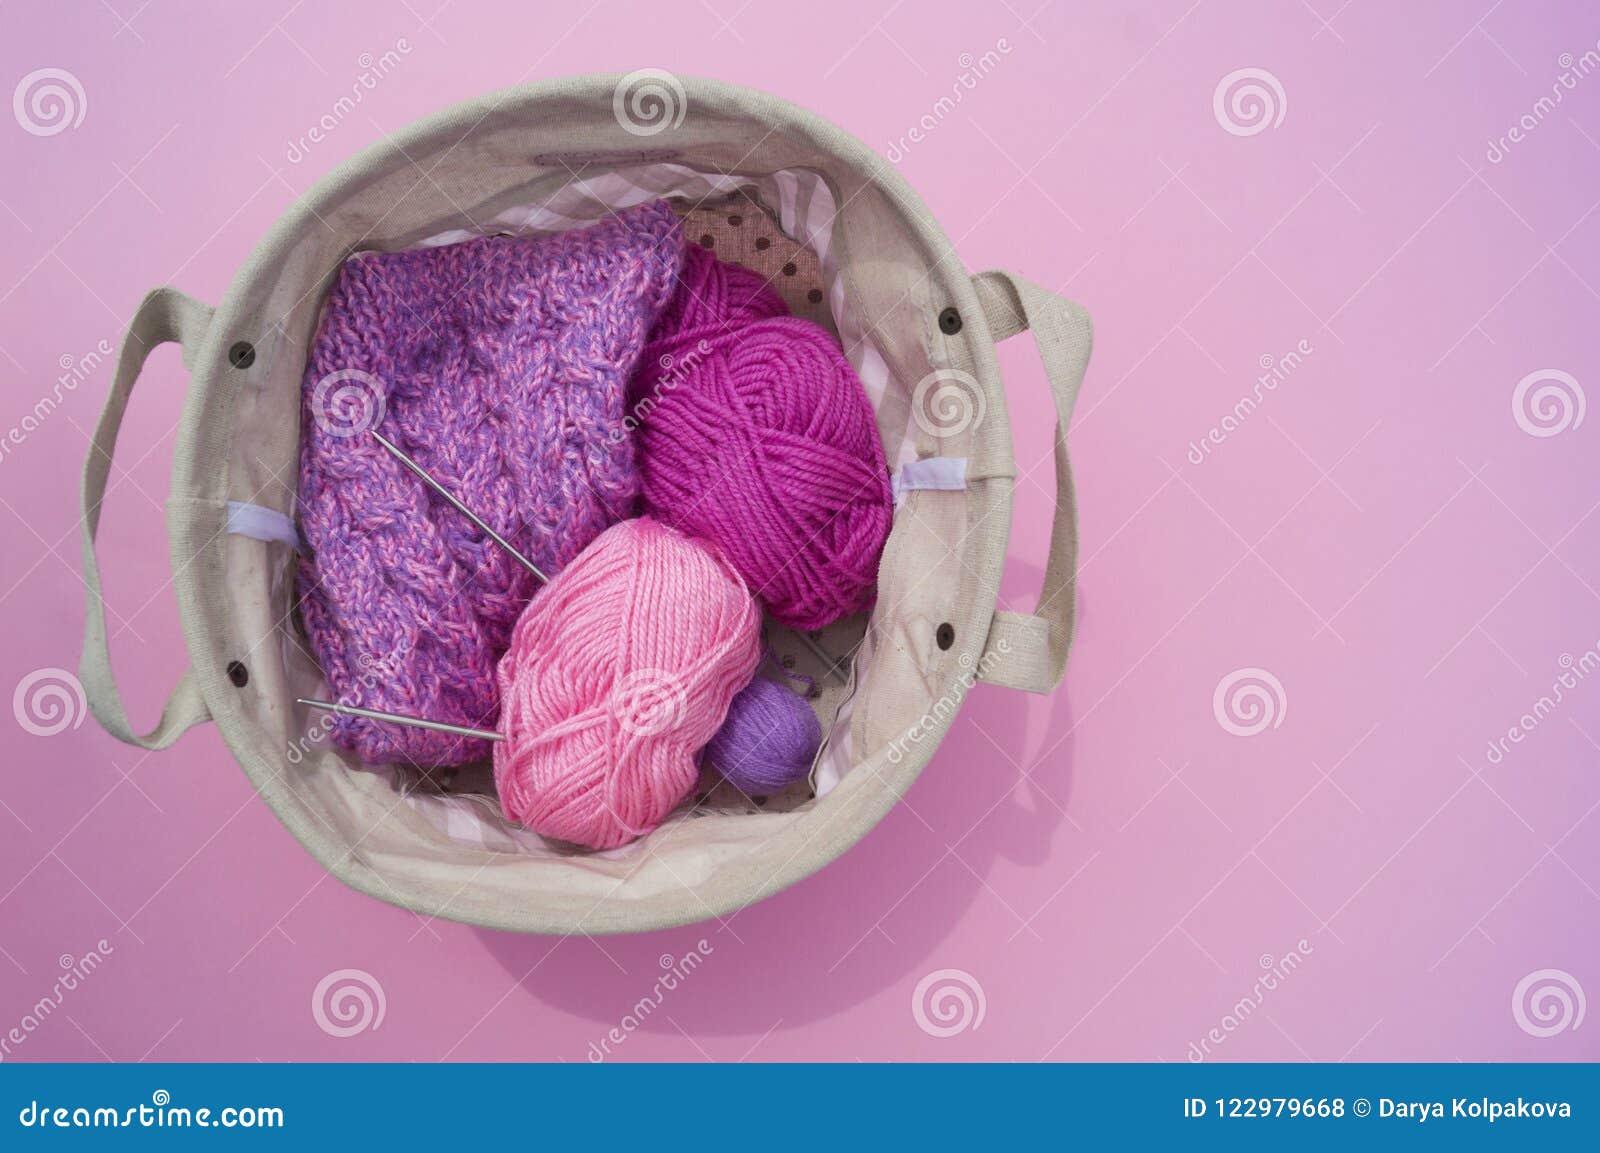 Lilac, roze en purpere verwarring van draden ligt in een mand op een roze achtergrond